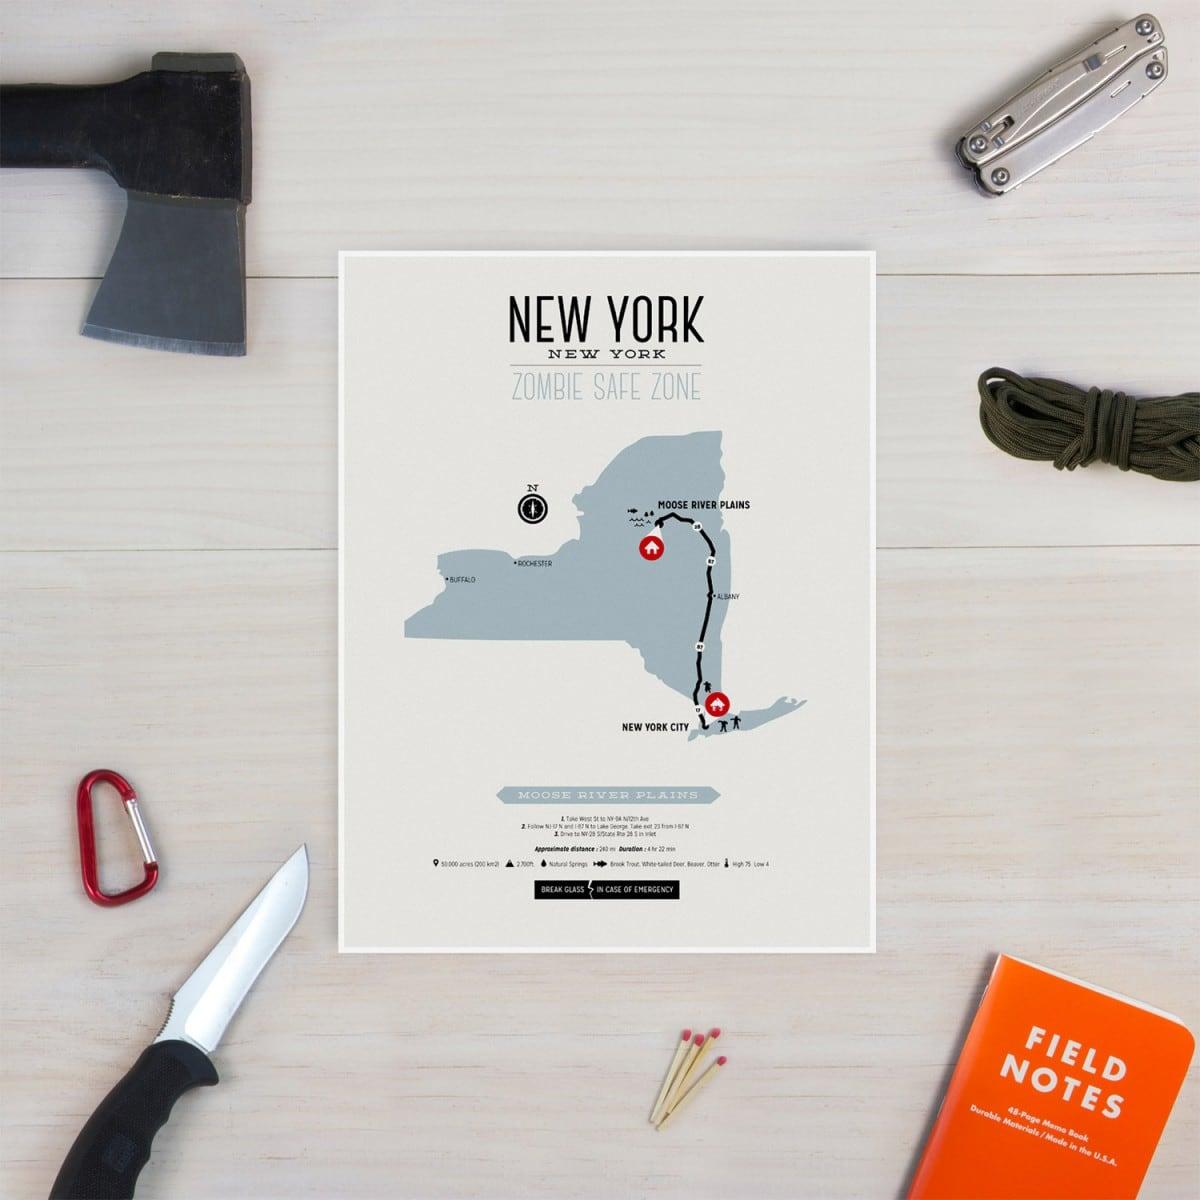 Newyork Zombie Safe Zone